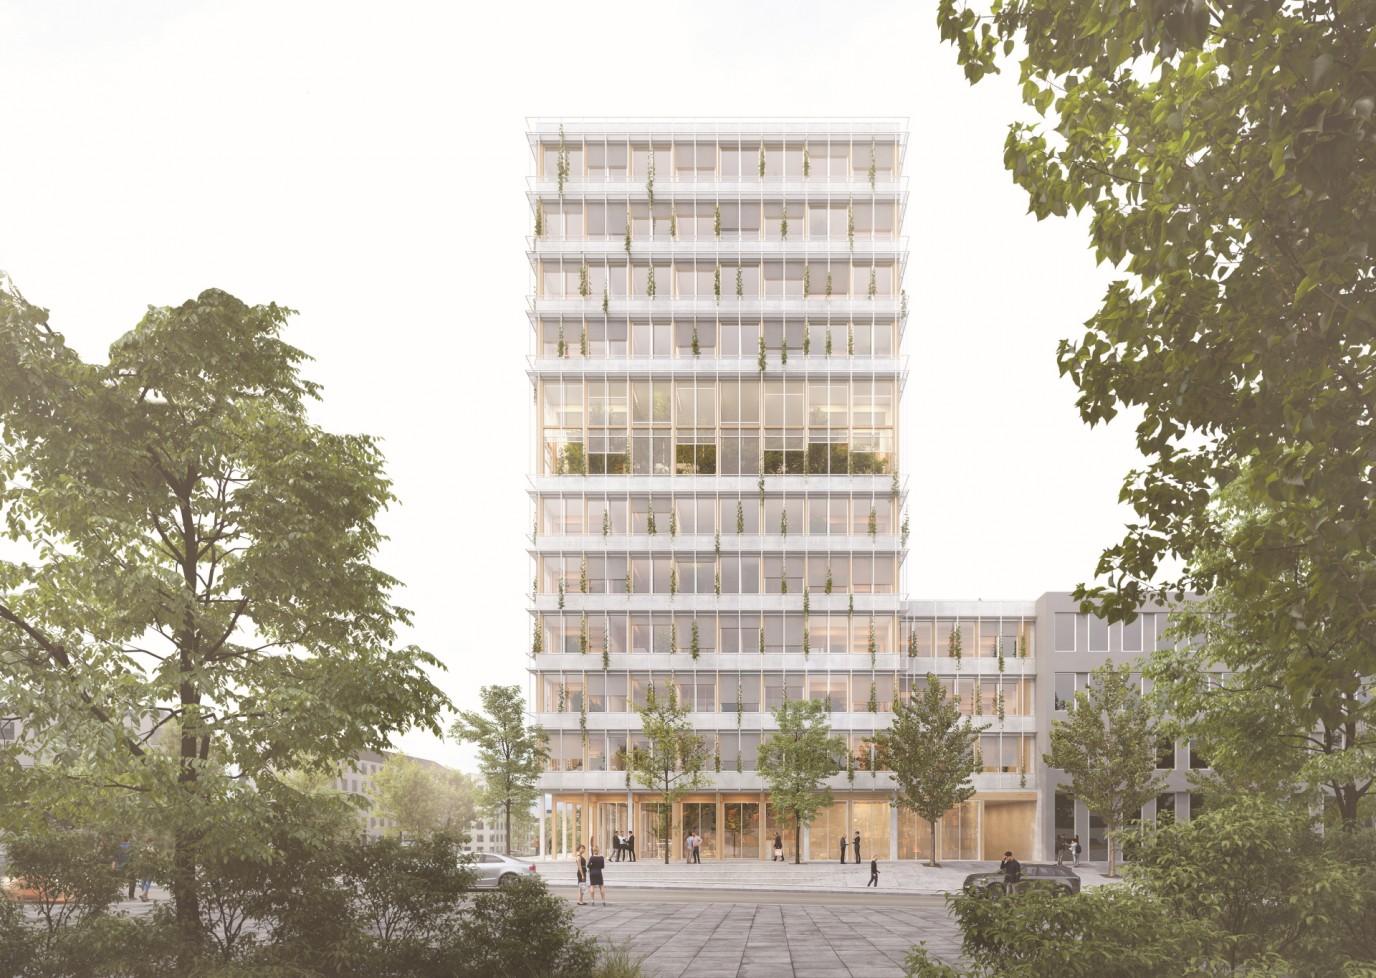 3. Platz Architektur-Wettbewerb